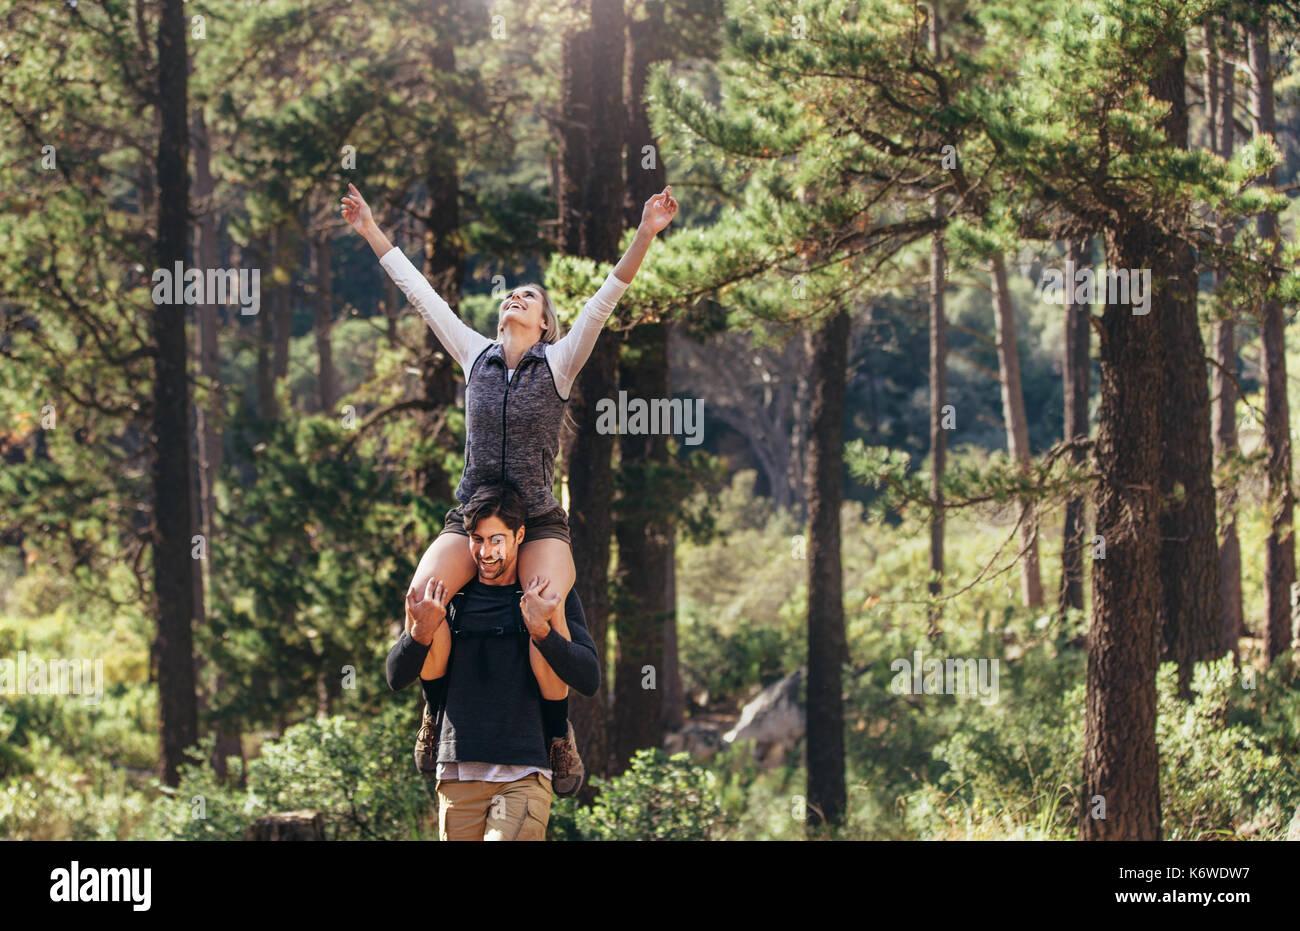 Wandern paar Spaß beim Wandern im Wald. Frau reiten Huckepack auf Mann mit Armen beim Wandern im Wald gespannt. Stockbild